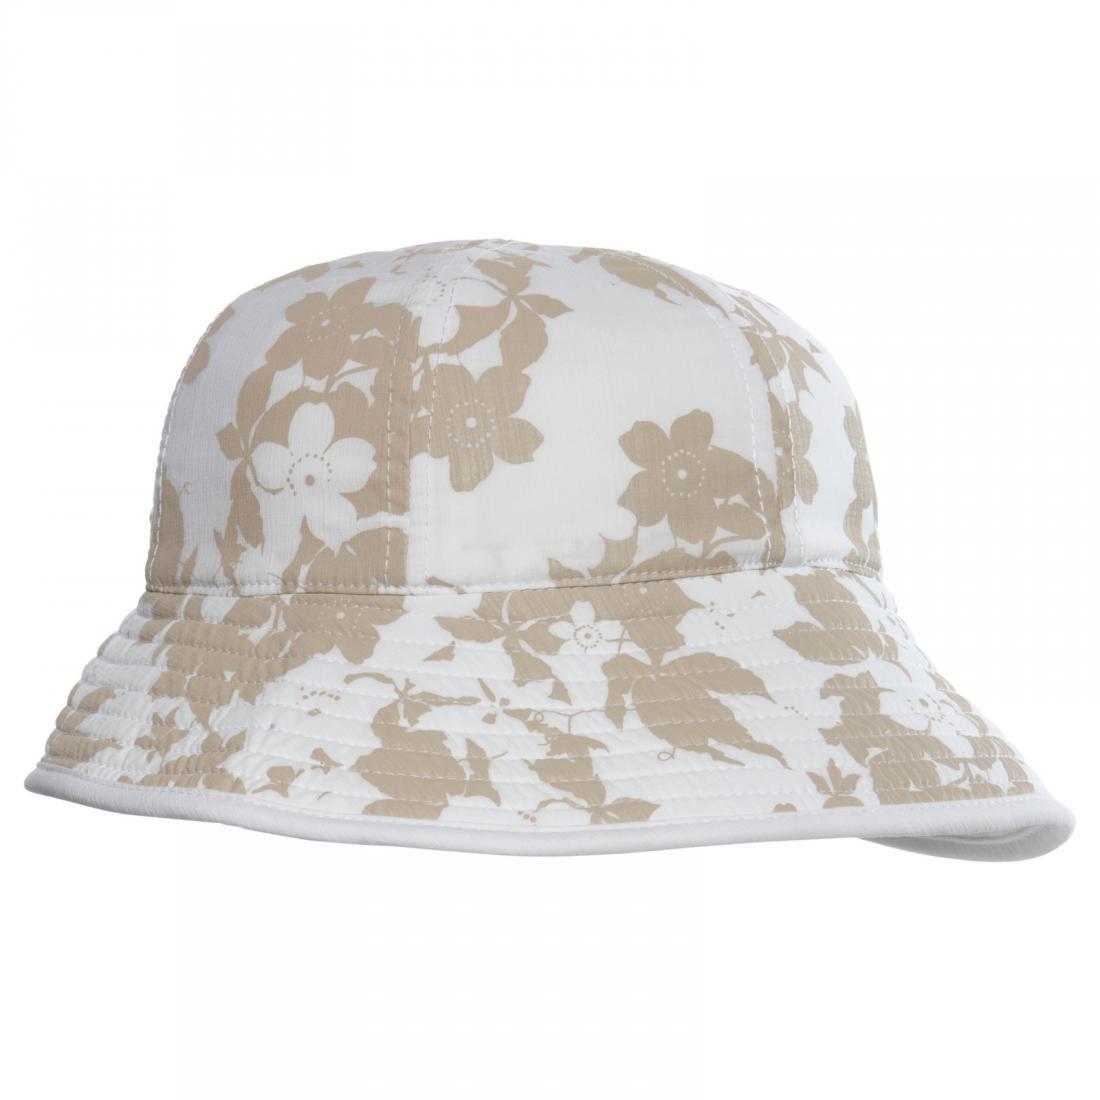 Панама Chaos  Summit Beach Hat (женс)Панамы<br><br> Элегантная женская панама Summit Beach Hat — это отличный пляжный вариант от Chaos. В ней можно не беспокоиться о том, что жаркое солнце напечет г...<br><br>Цвет: Белый<br>Размер: S-M